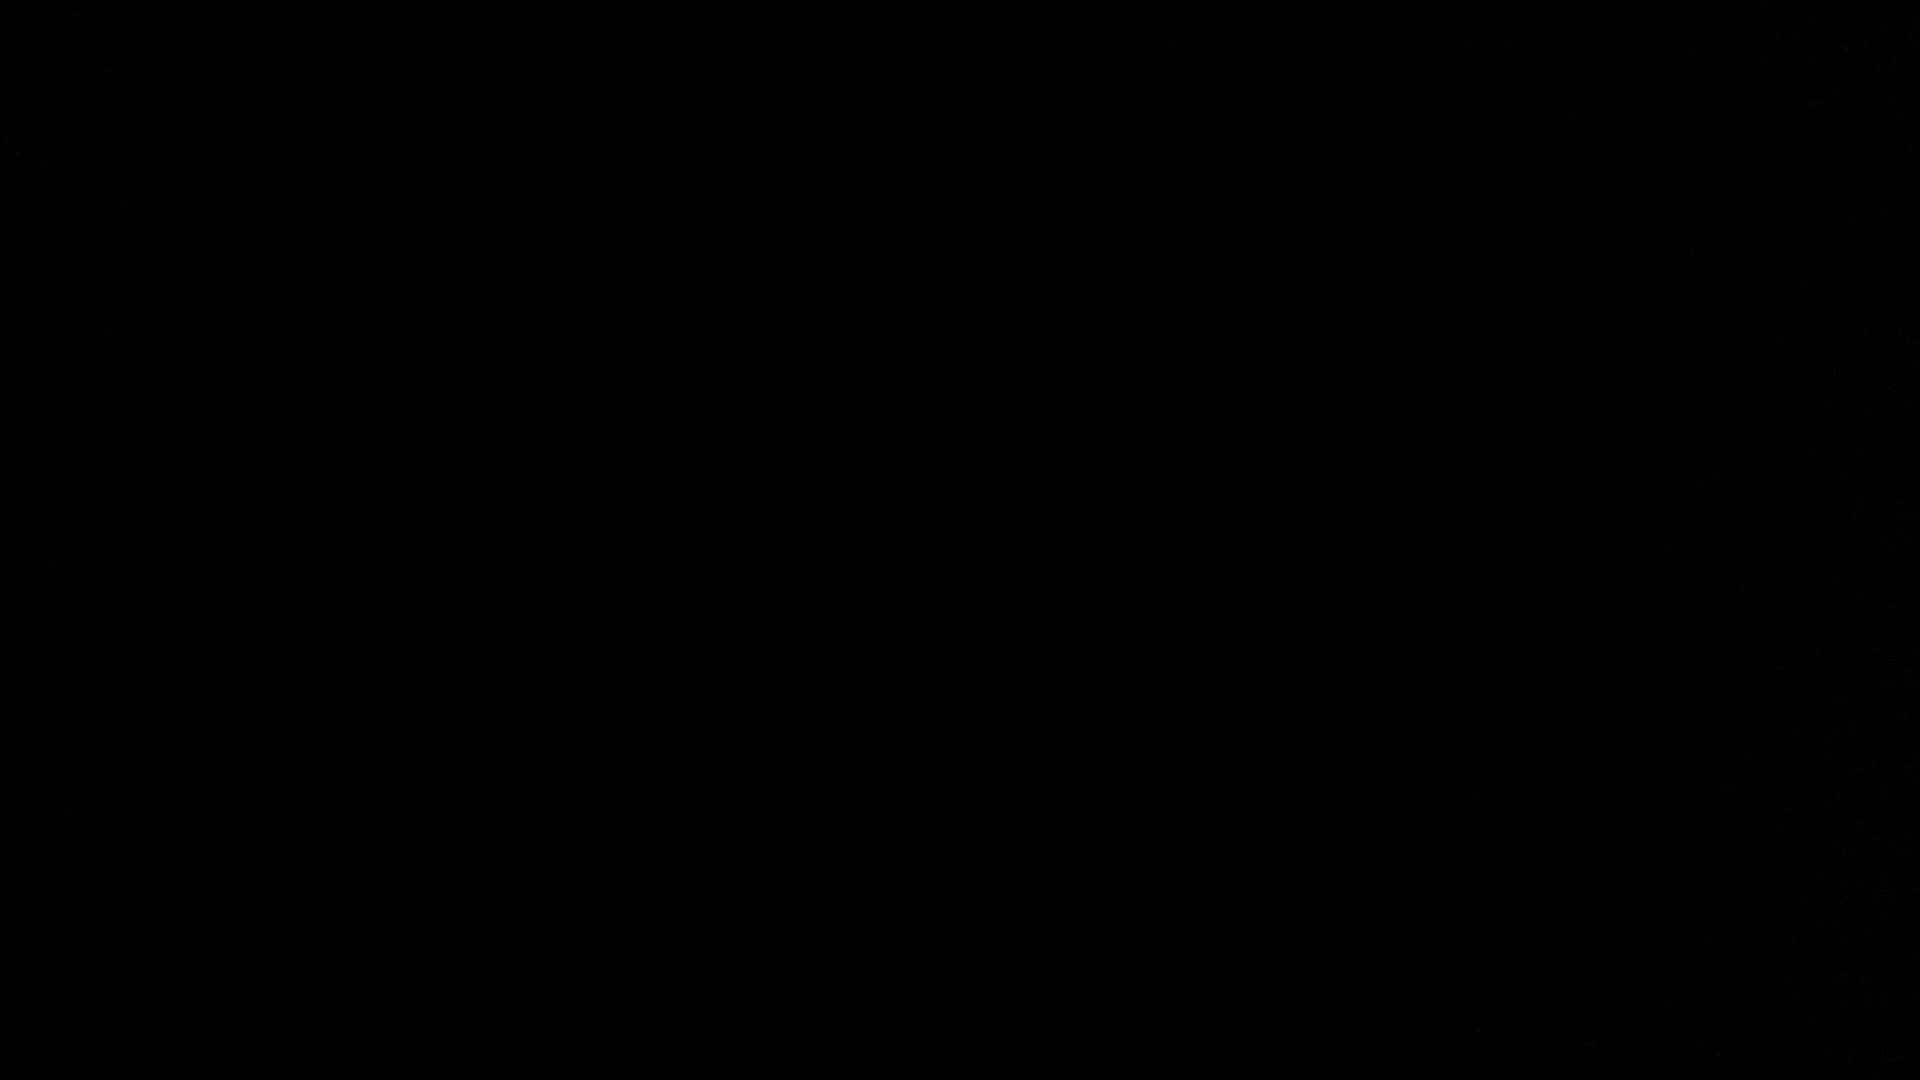 ゆめかわ男子のゆめかわオナニージャニーズ編vol.09 男天国 | 人気シリーズ  52pic 17